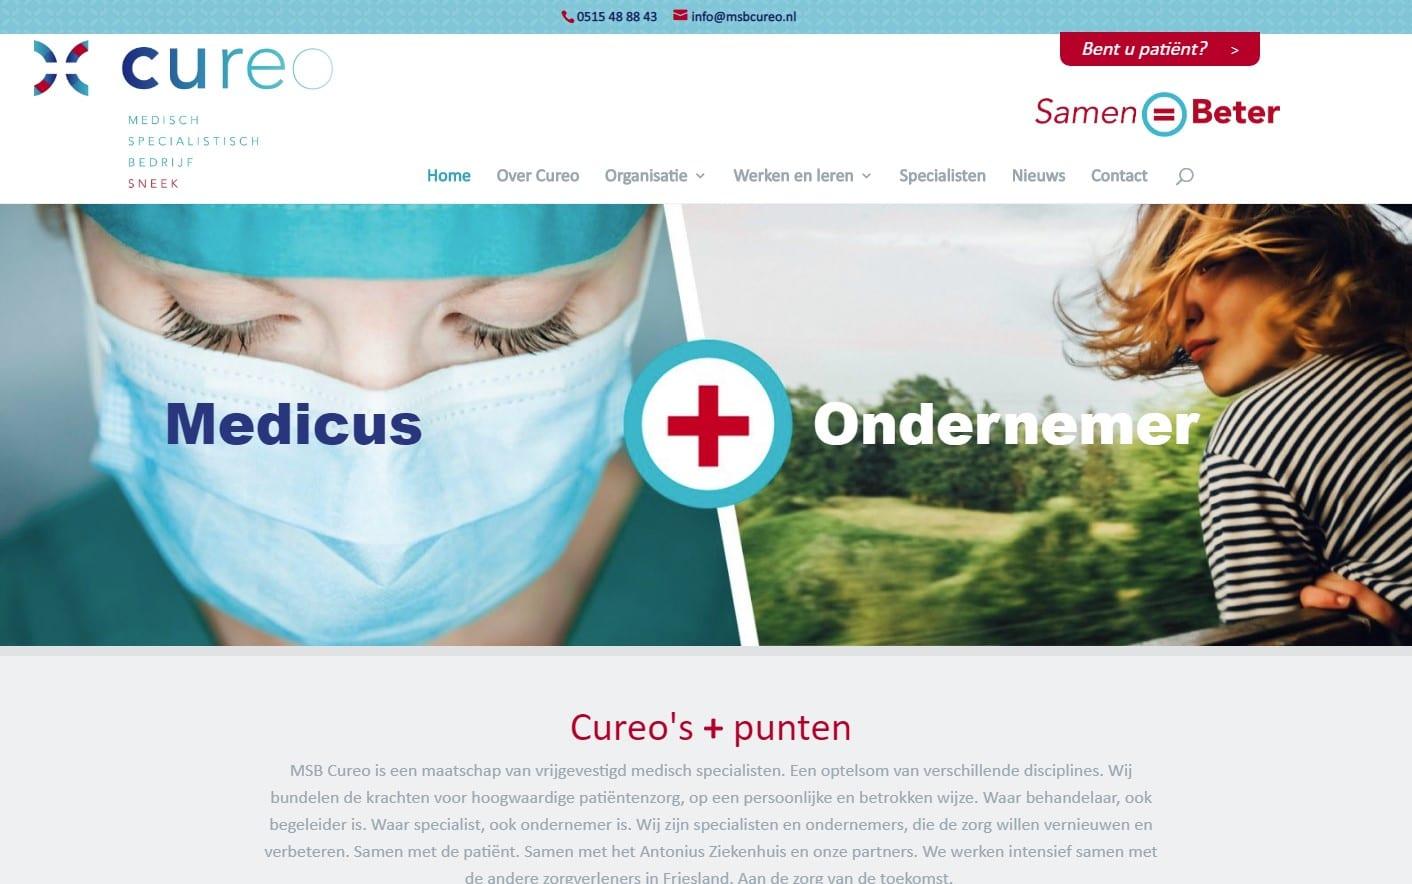 Cureo - website voor een medisch specialistisch bedrijf